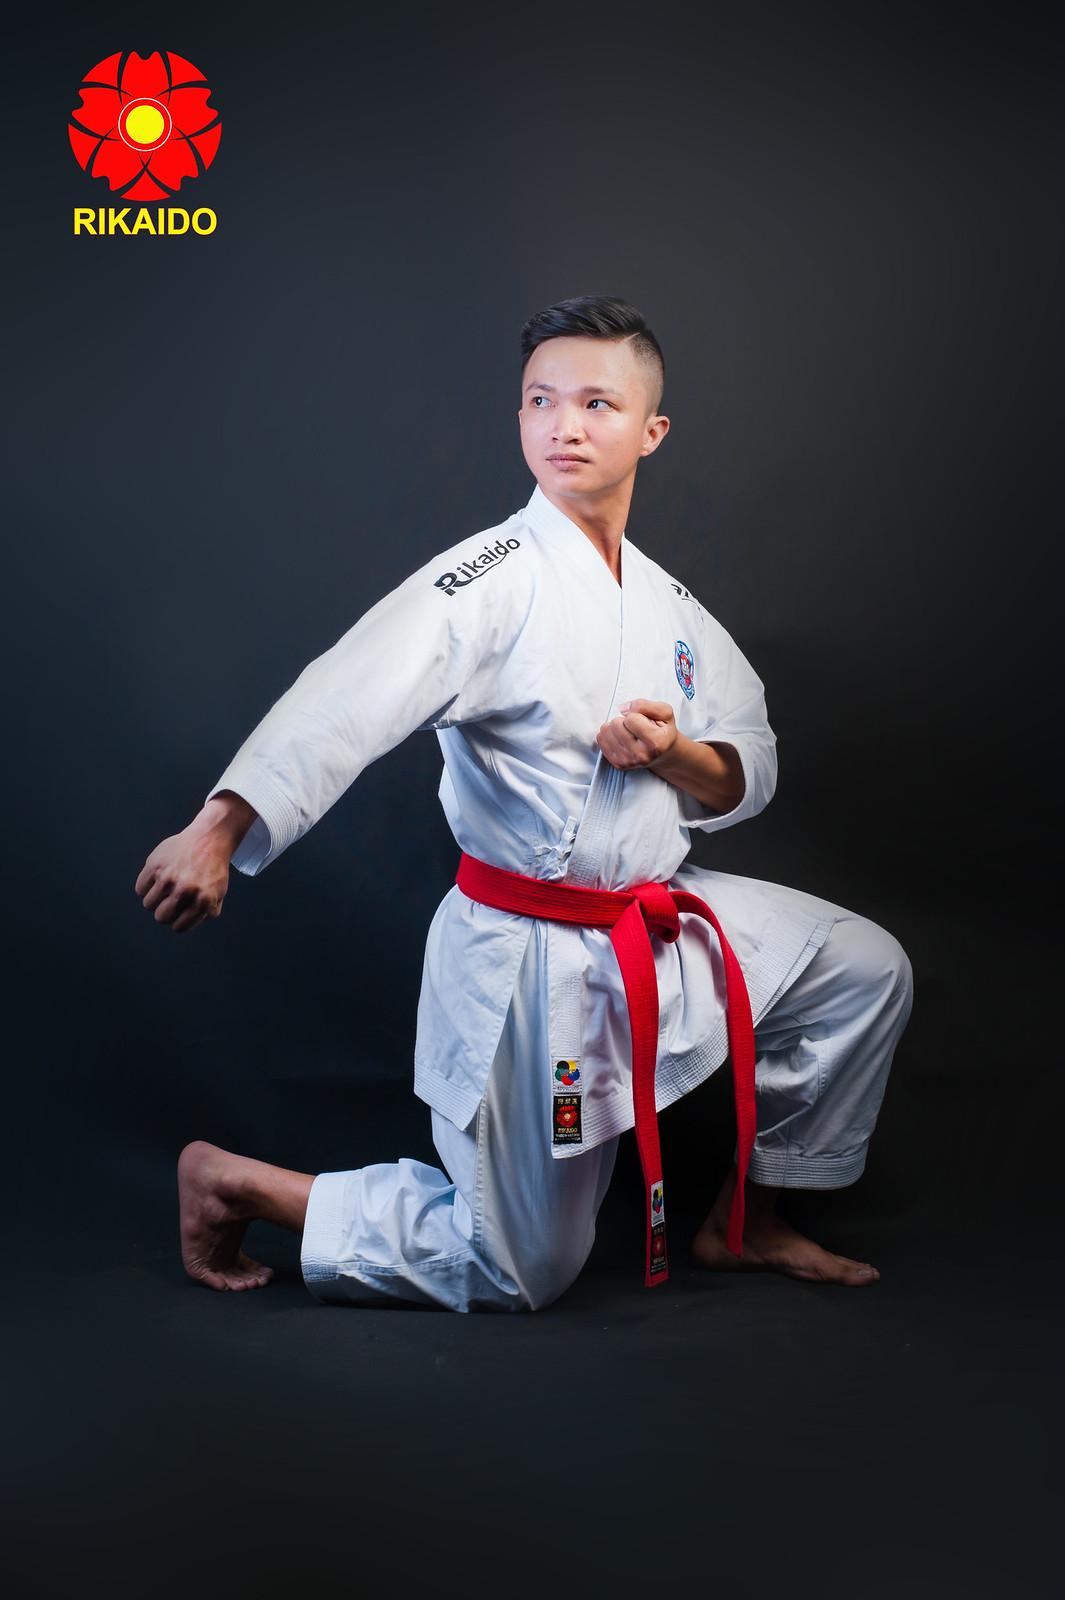 43073514565 7968fa51b9 h - Ảnh nghệ thuật karate chụp trong studio